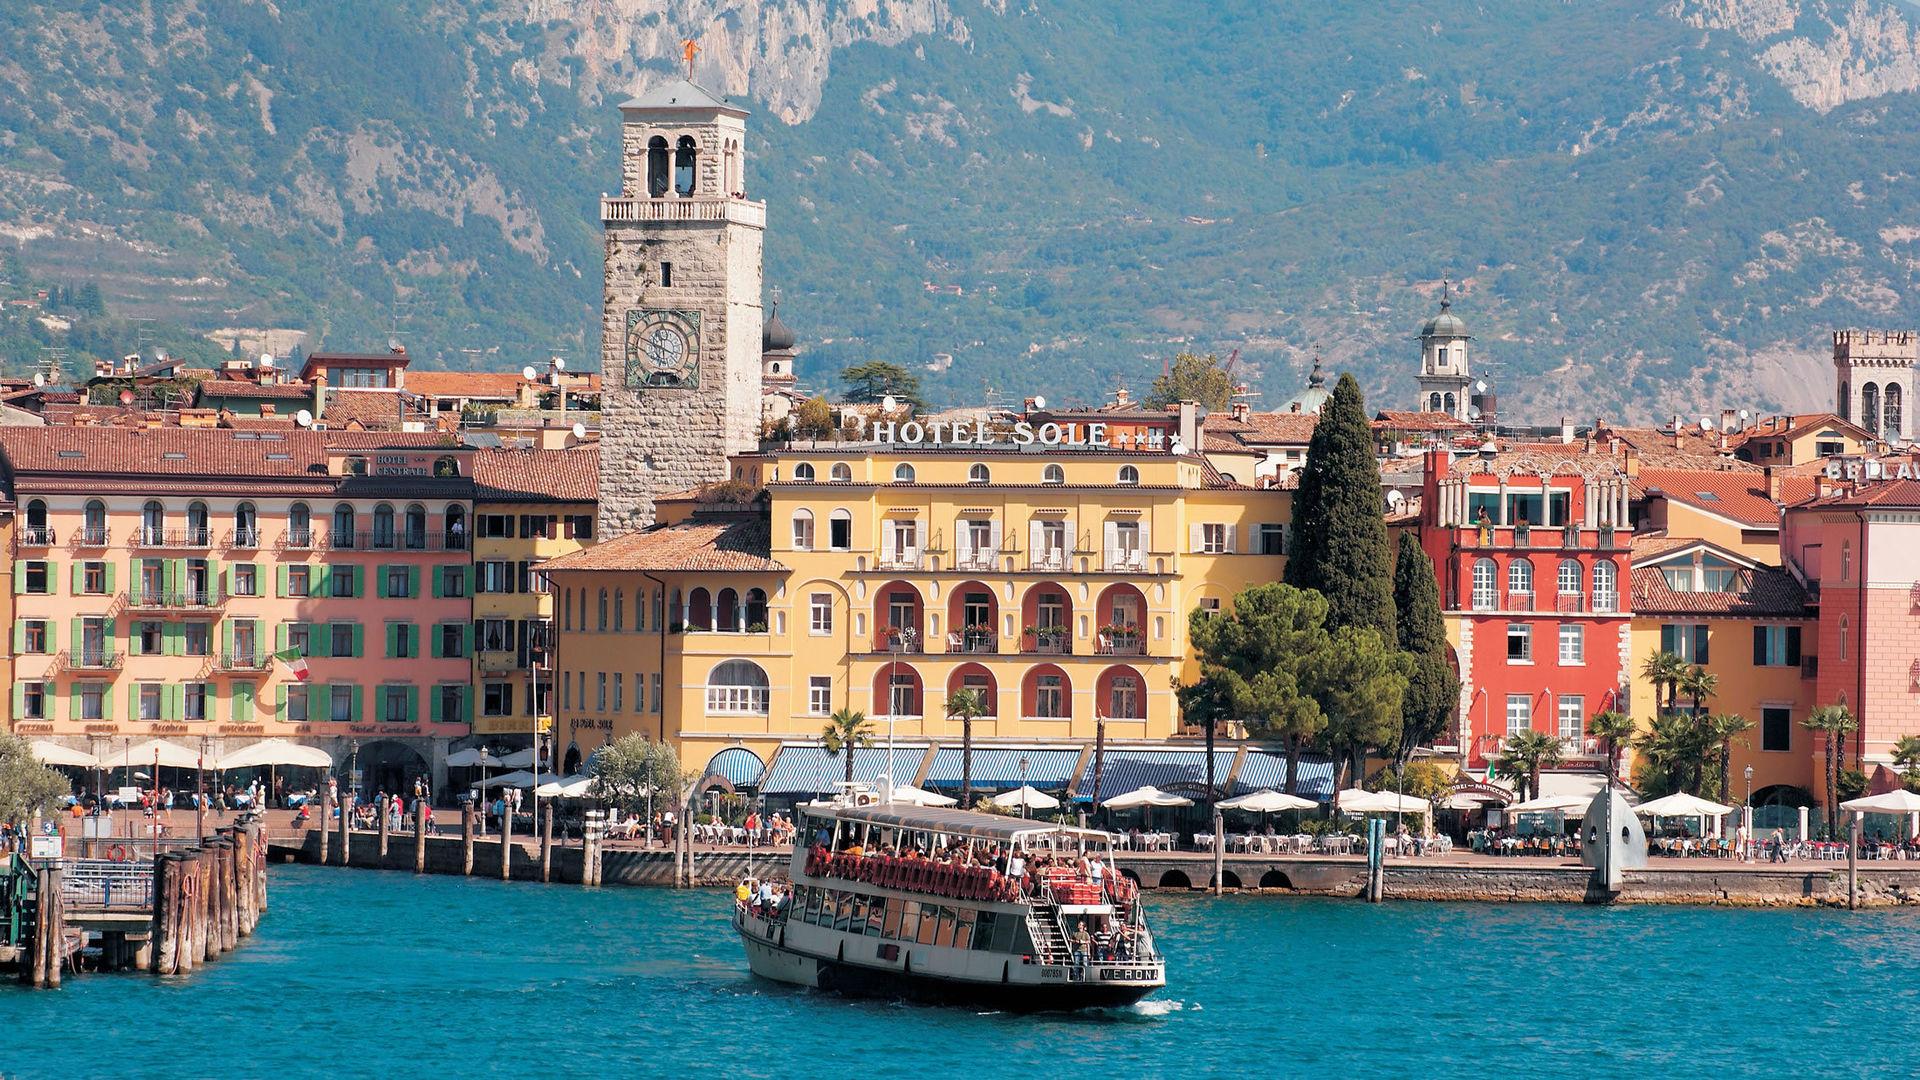 Hotel Garda Riva Del Garda Tn Italien